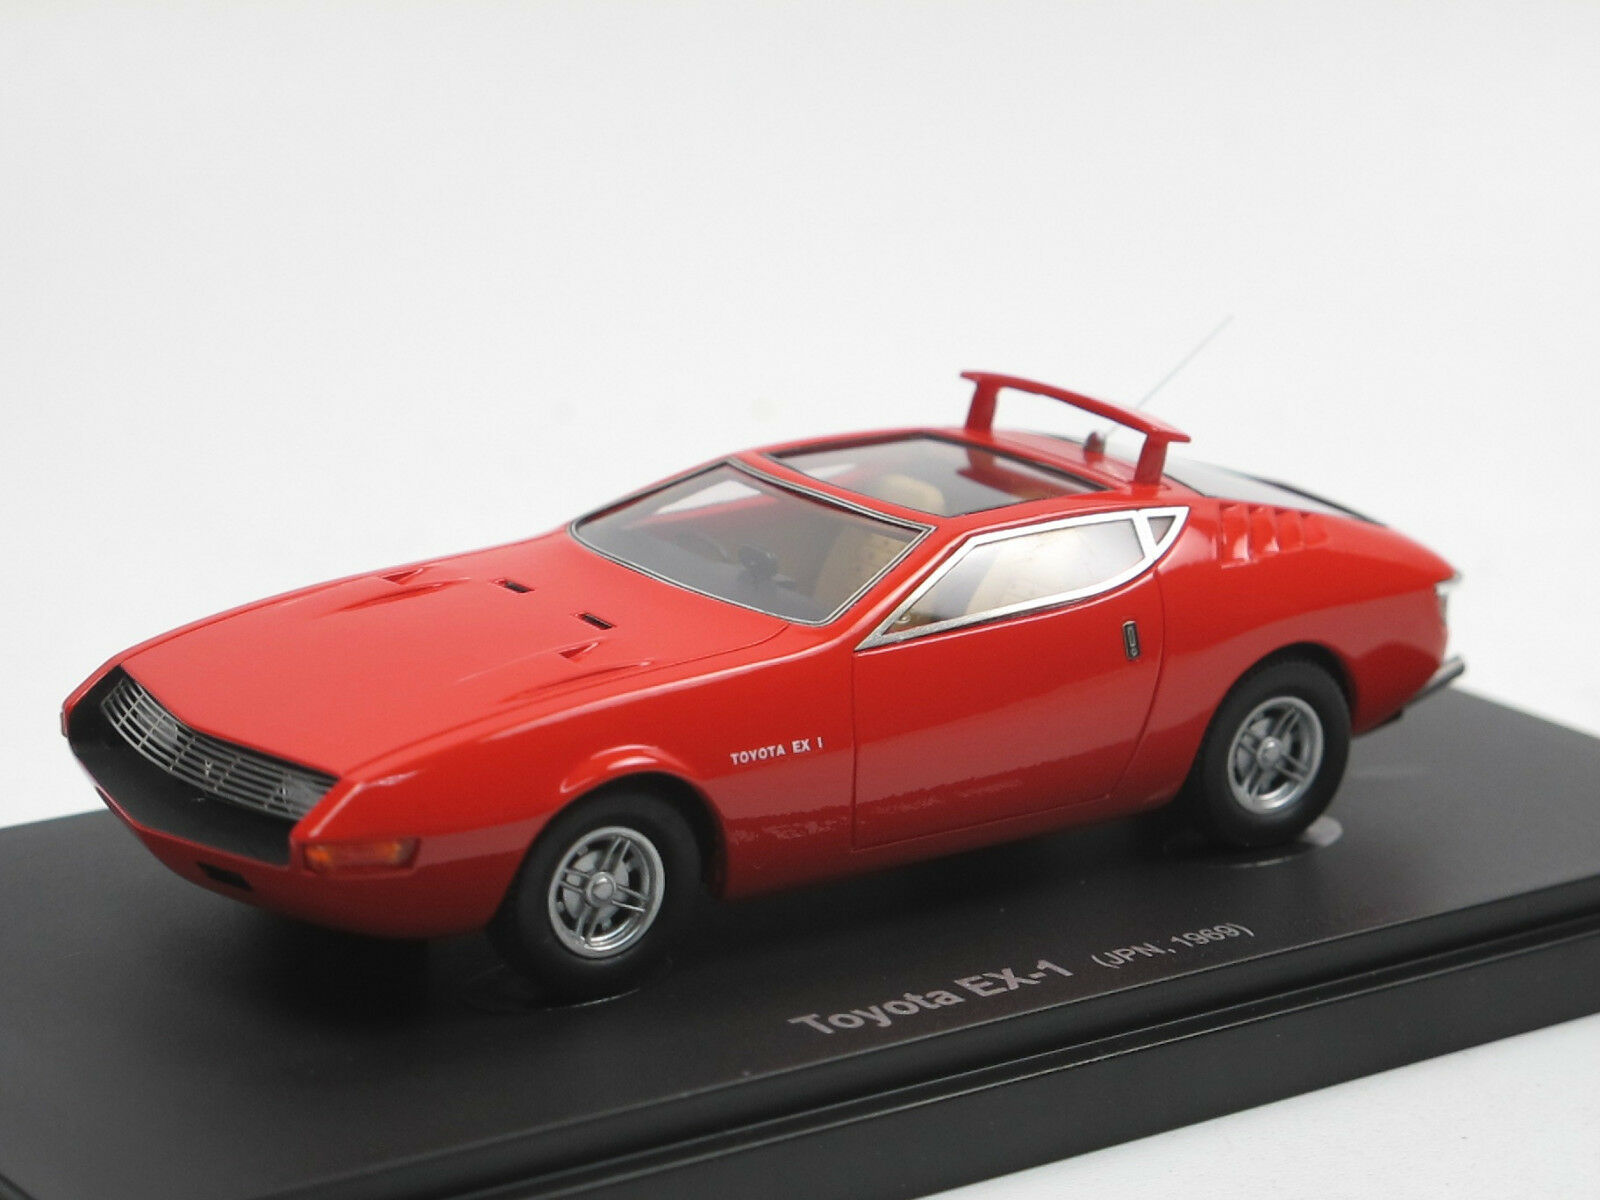 Autocult Avenue 43 60010 Toyota EX-1 Concept Car 1969 Japan 1 43 Limited Edition  | In hohem Grade geschätzt und weit vertrautes herein und heraus